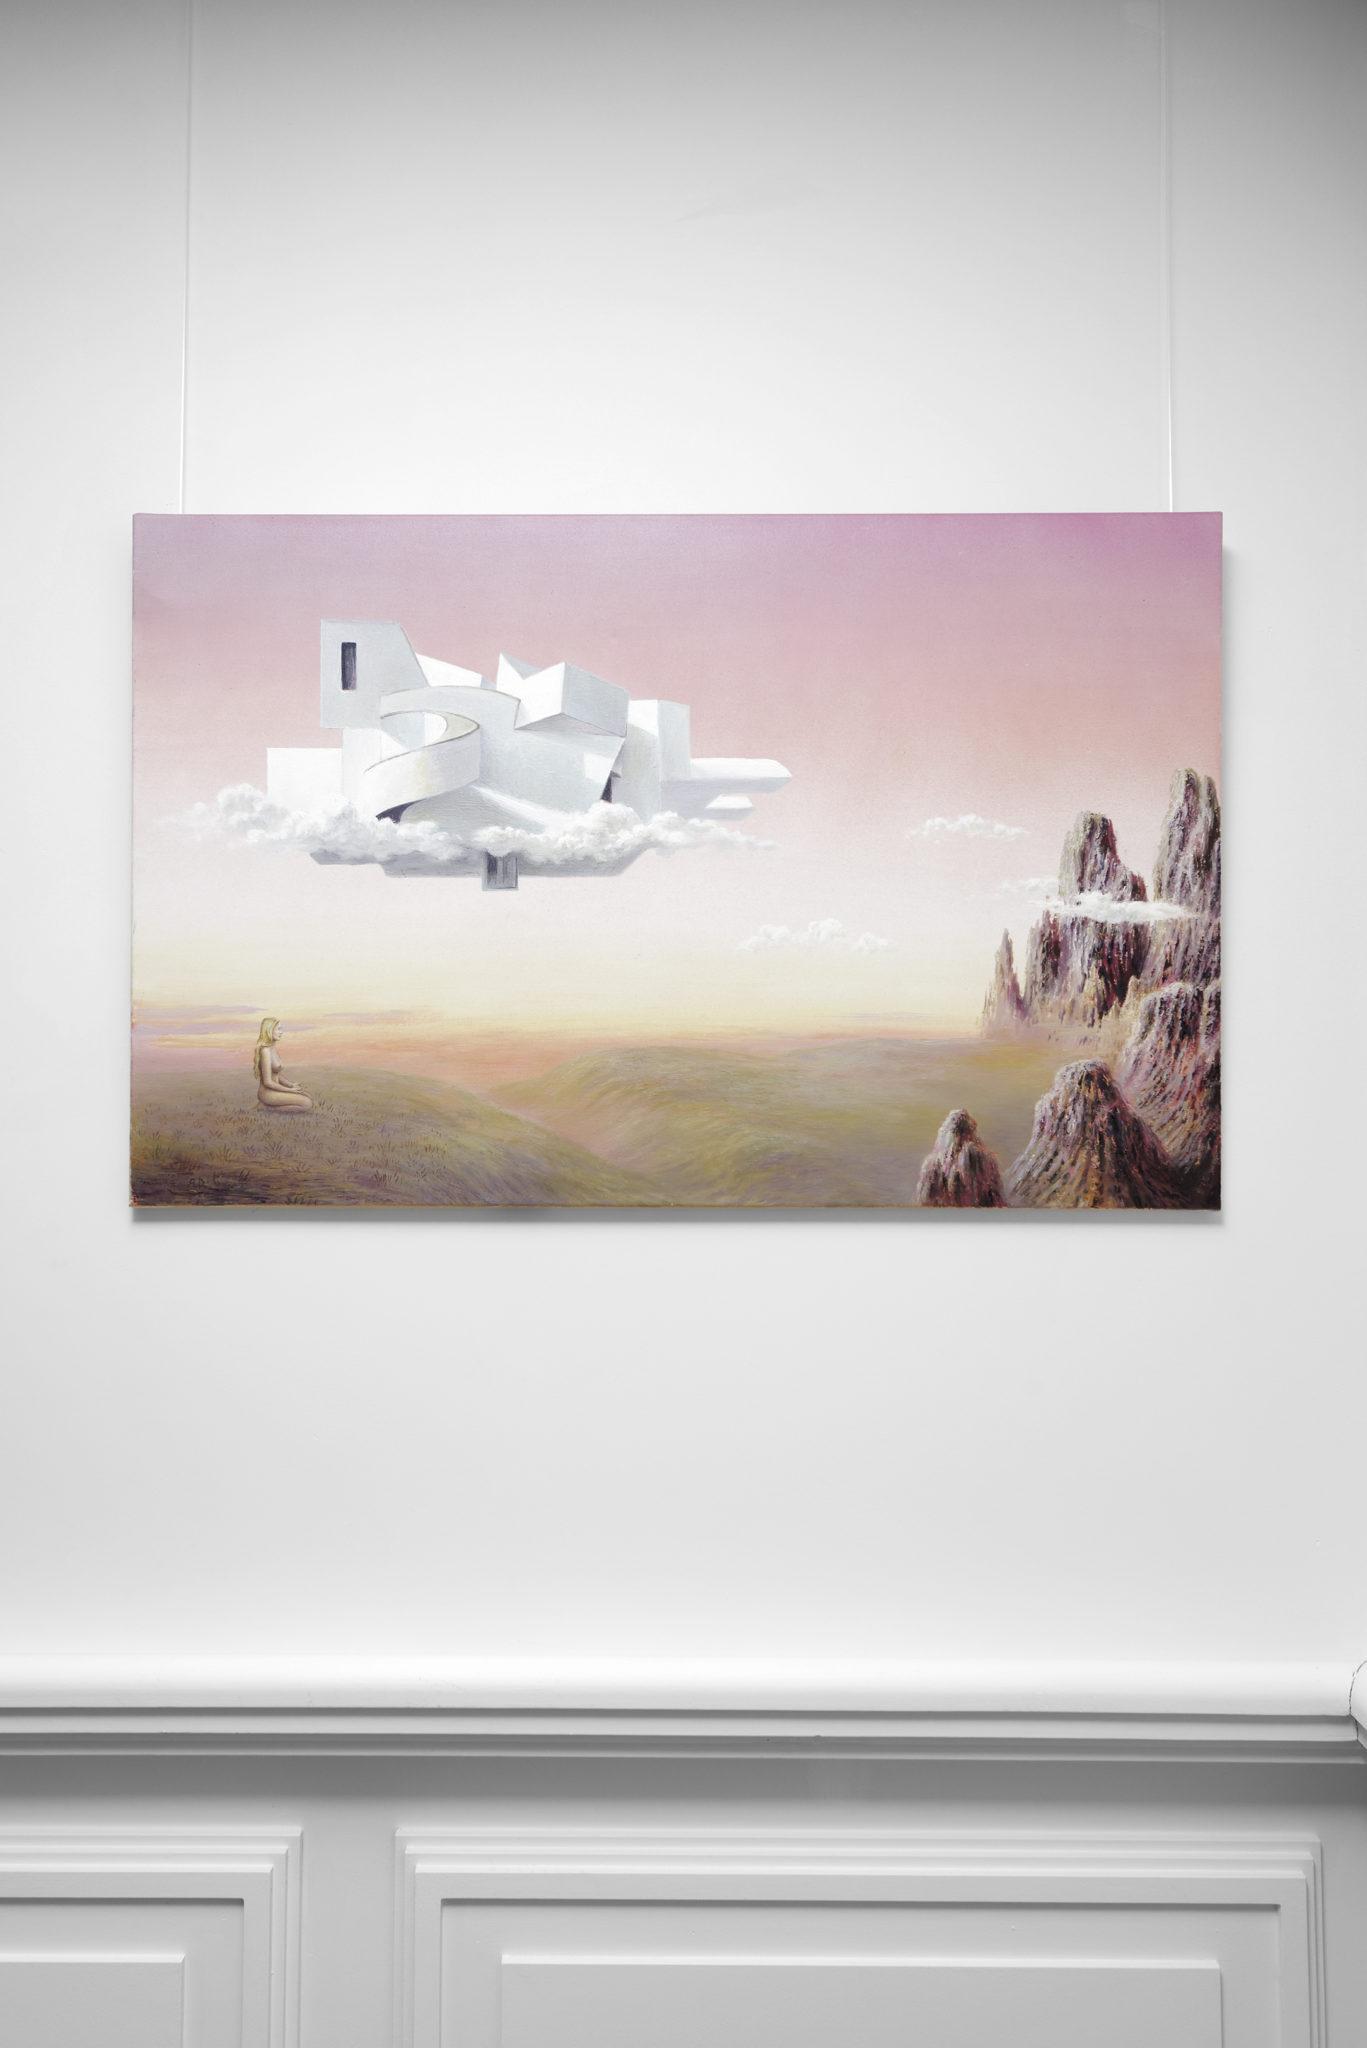 Chambres à part 13 – Parfums de Femmes – Ori Gersht – Andreas Dobler, The Crown of Creation, 2005, huile sur toile, 65×100 cm – copyright Aurélien Mole – Laurence Dreyfus